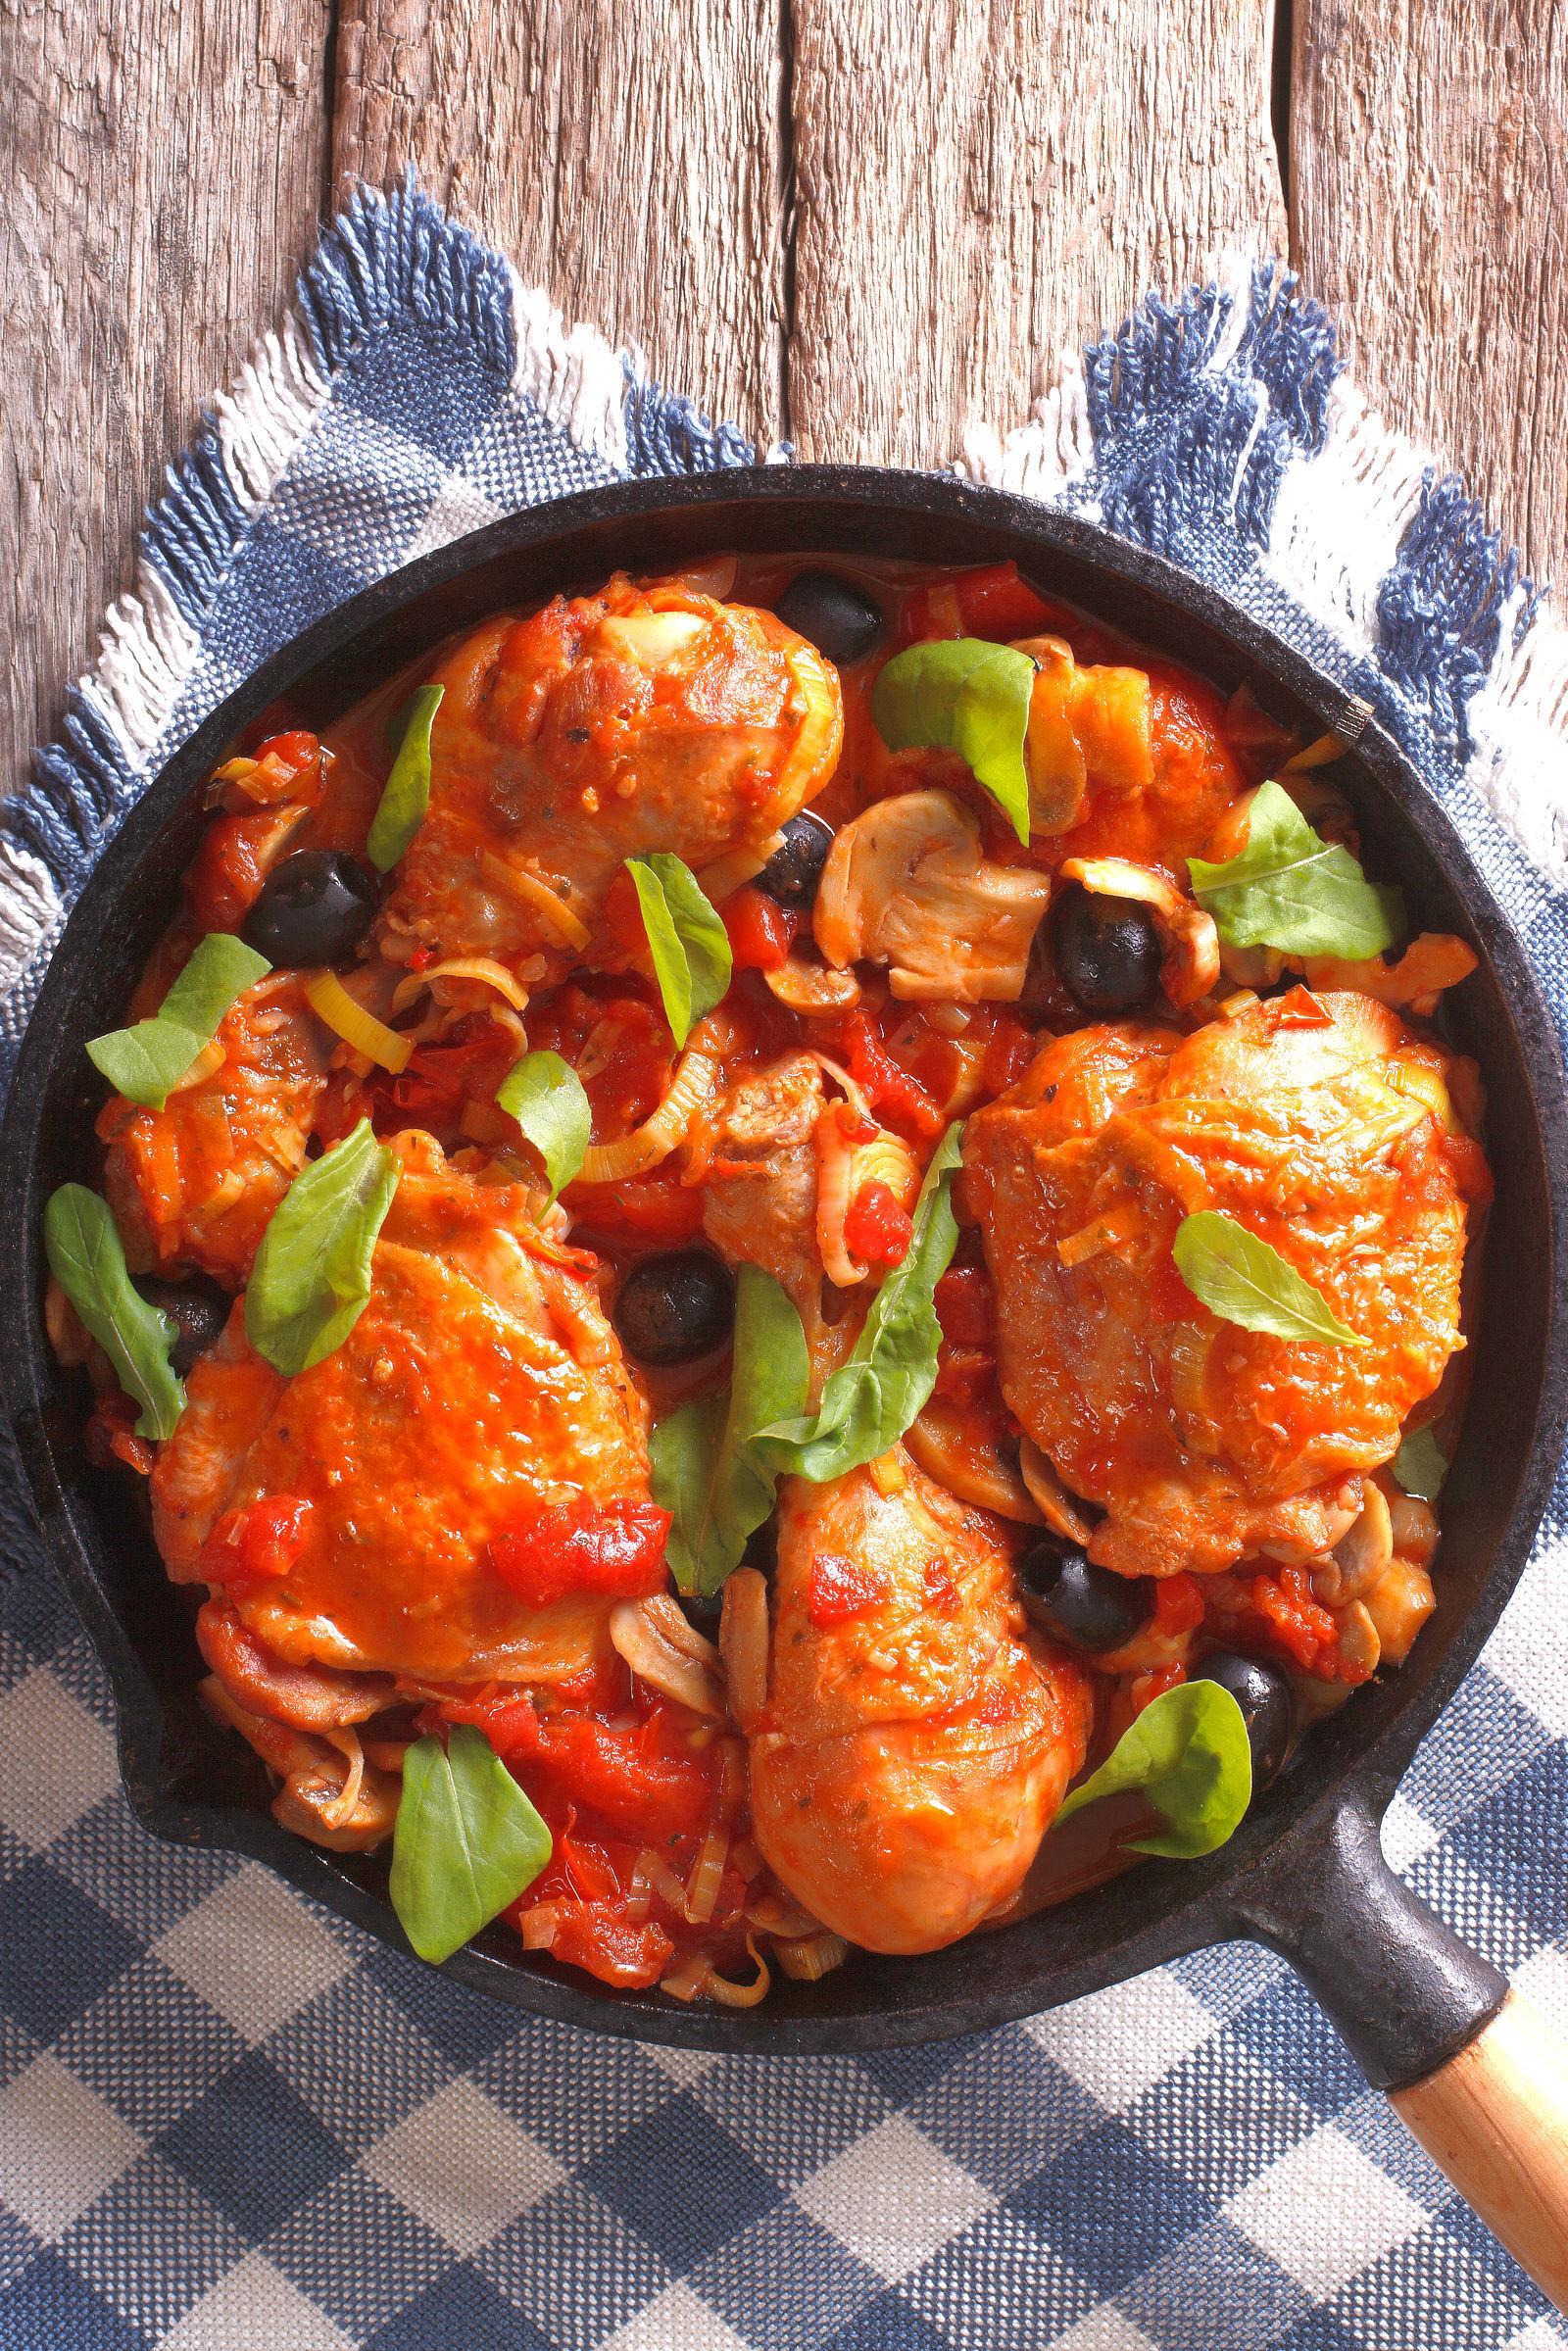 Bulk cooking chicken dish in skillet